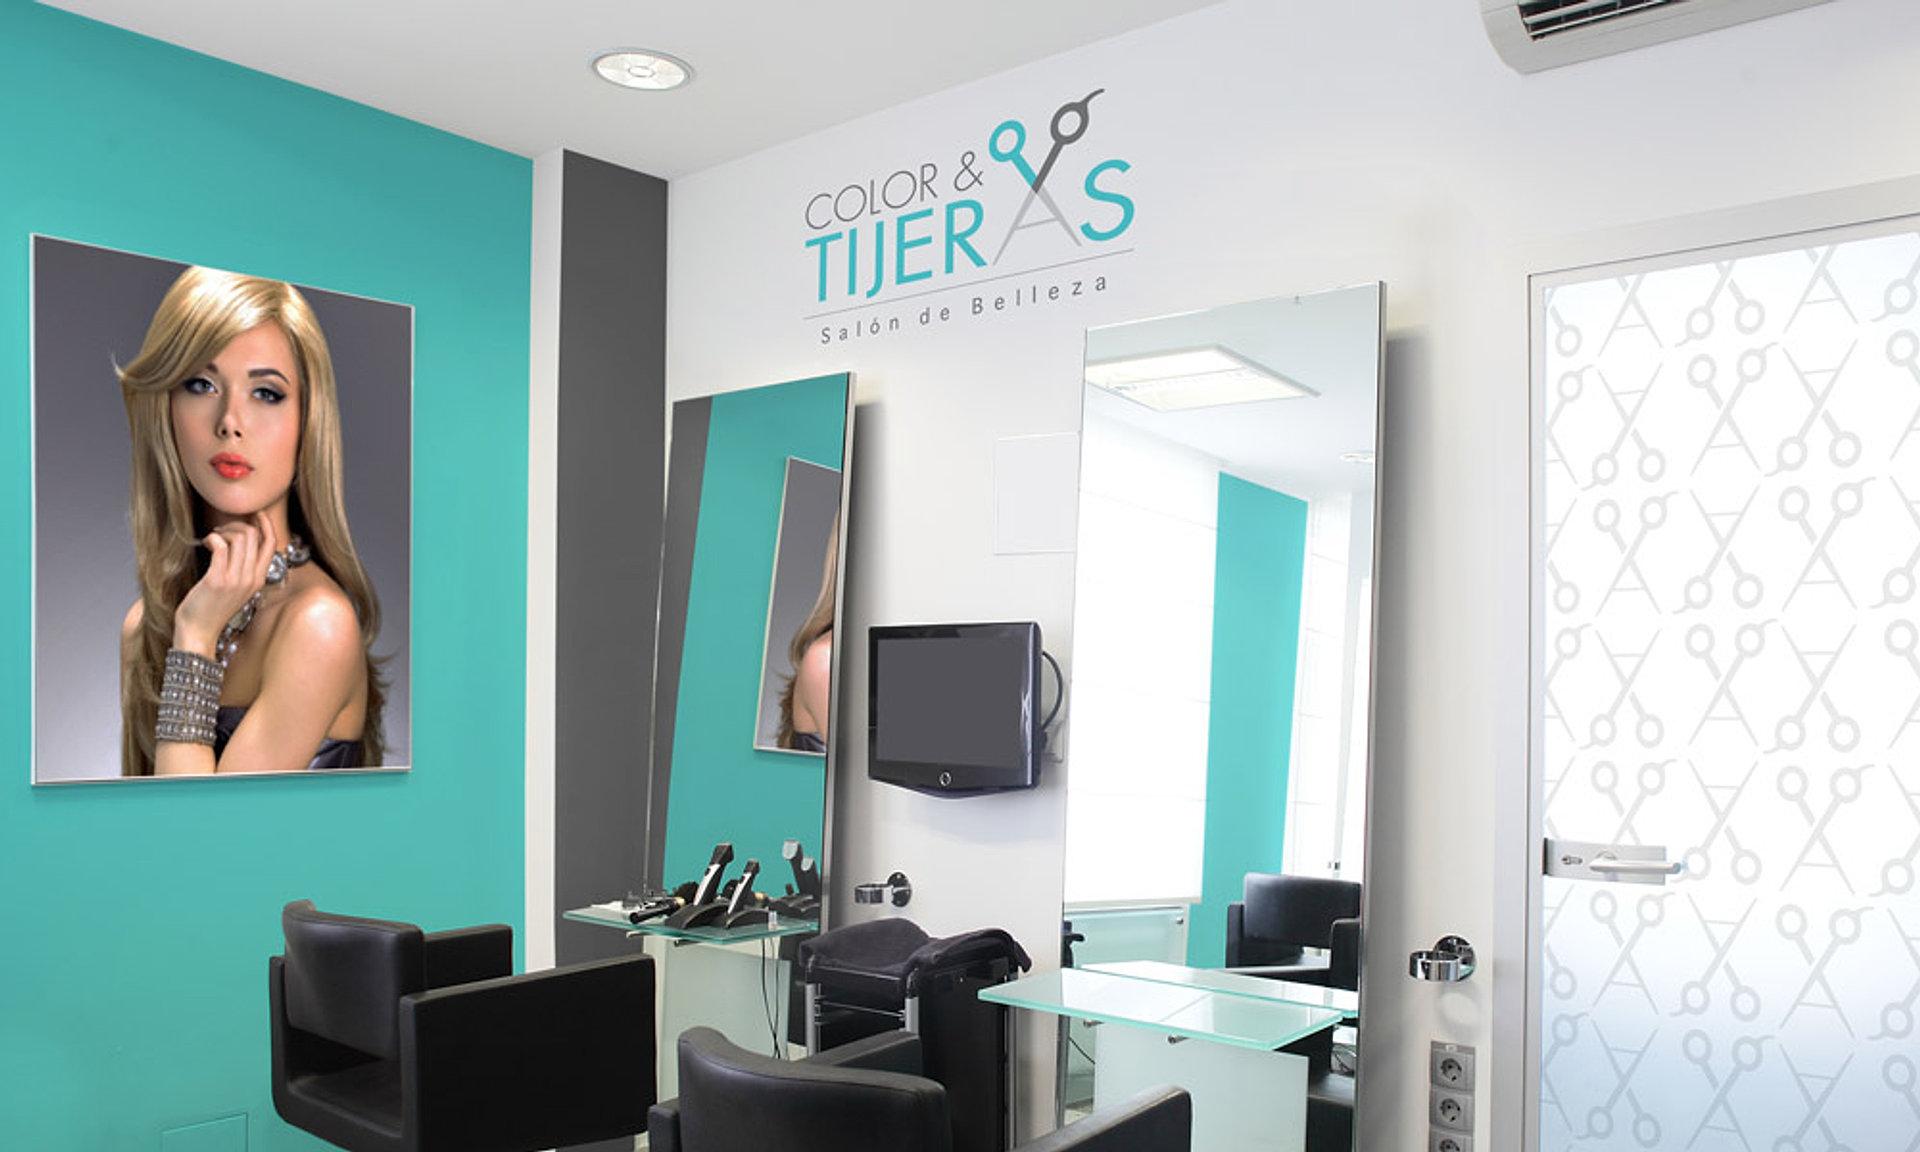 Dise o para est ticas salones de belleza spa y peluquer as - Diseno de peluquerias ...